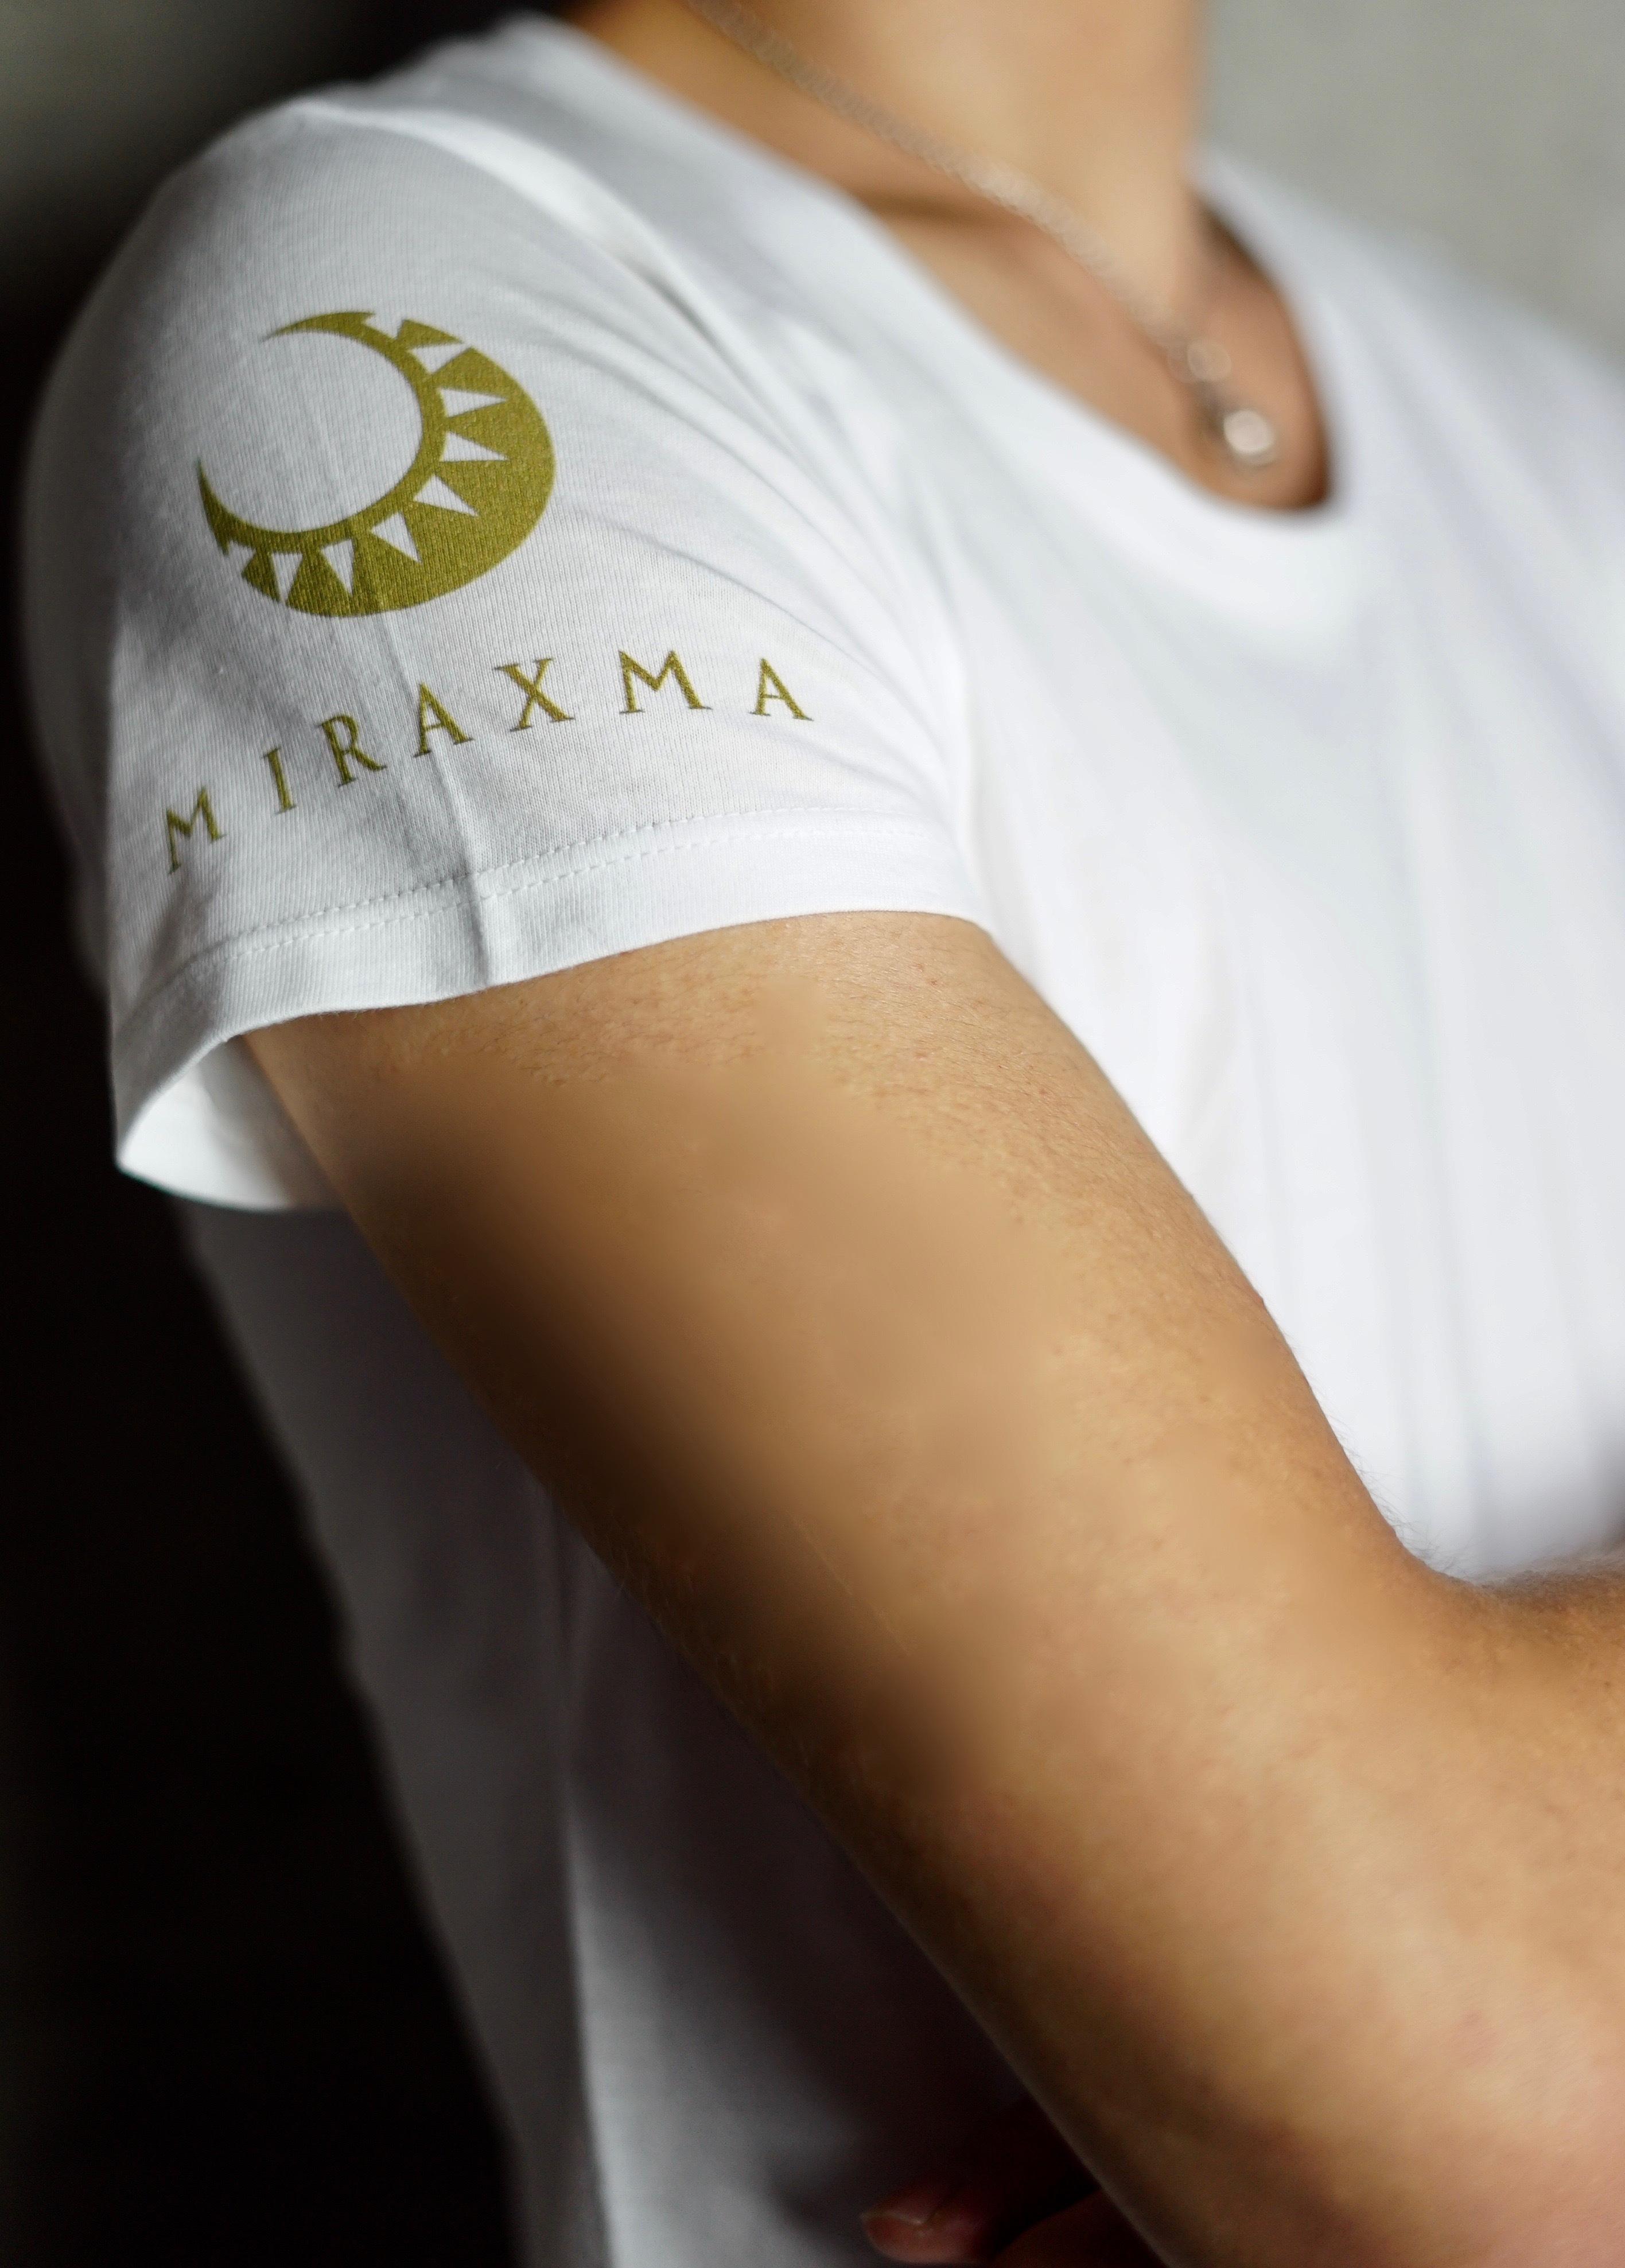 【限定モデル】半袖/ホワイト/右肩ゴールド   MIRAXMA-ミライイマ-